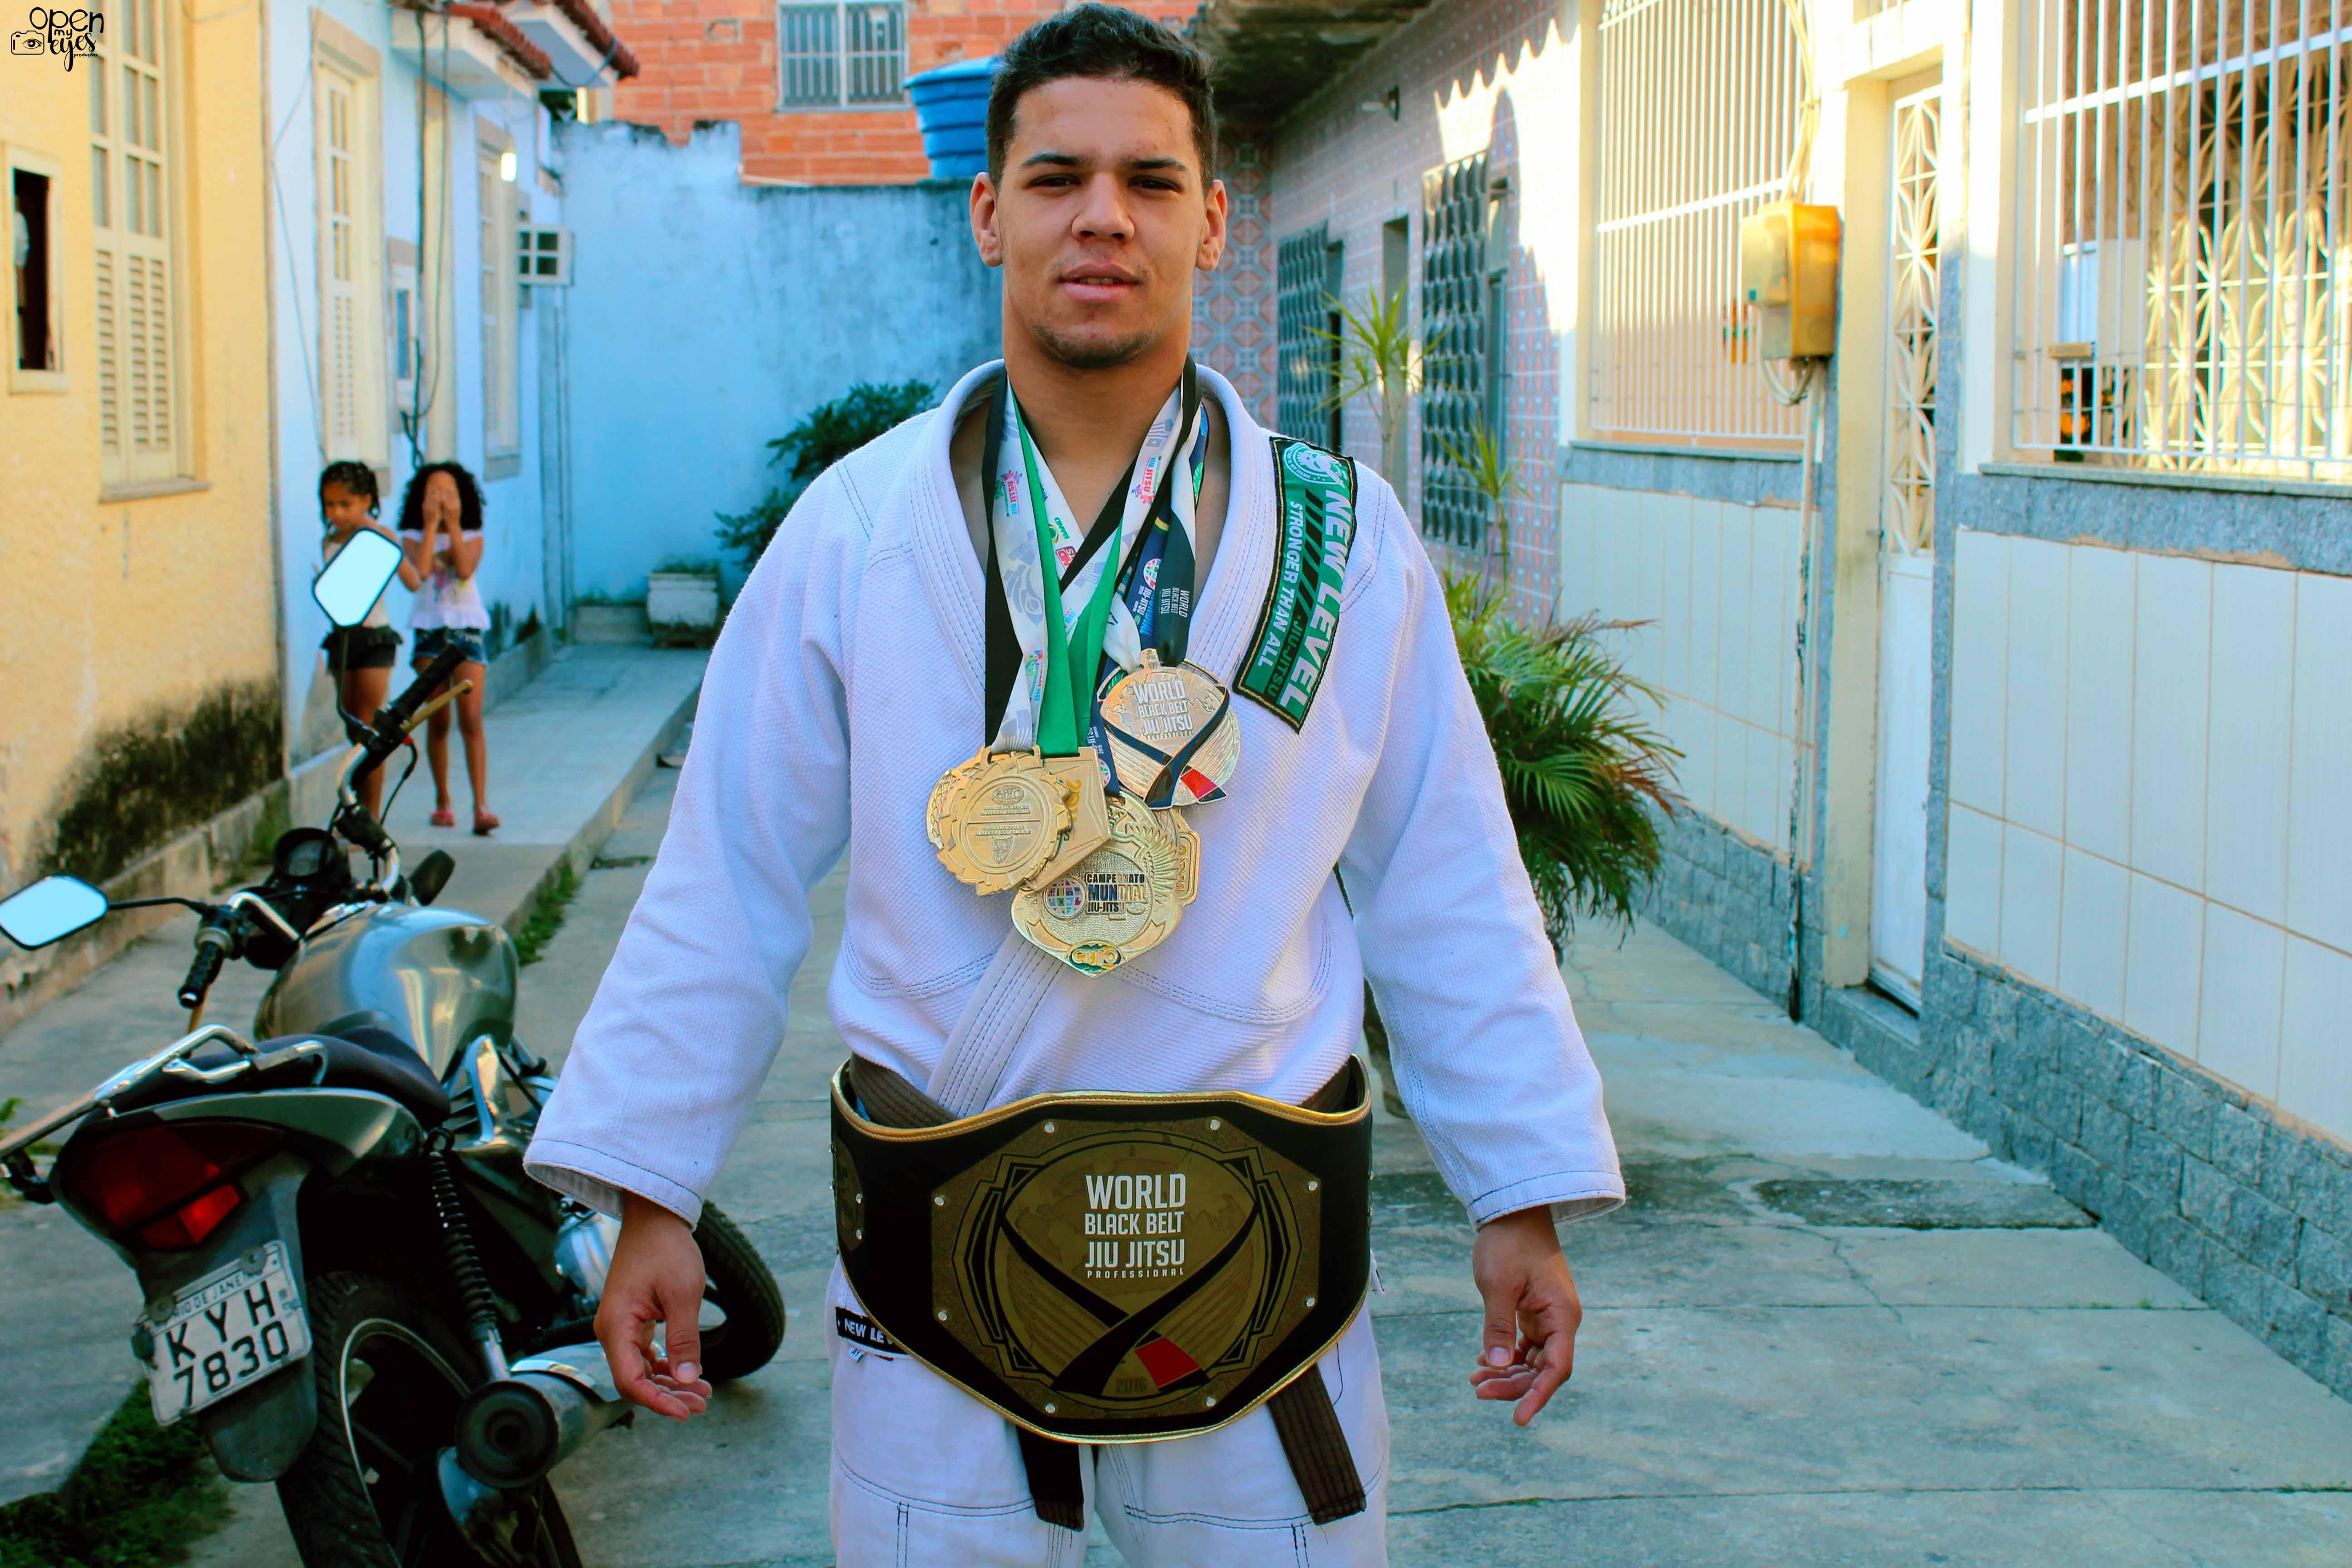 Yuri Santos coleciona medalhas de campeonatos que já participou pelo mundo, em países como frança, Itália, Portugal e Estados Unidos - Foto: Caio Lima